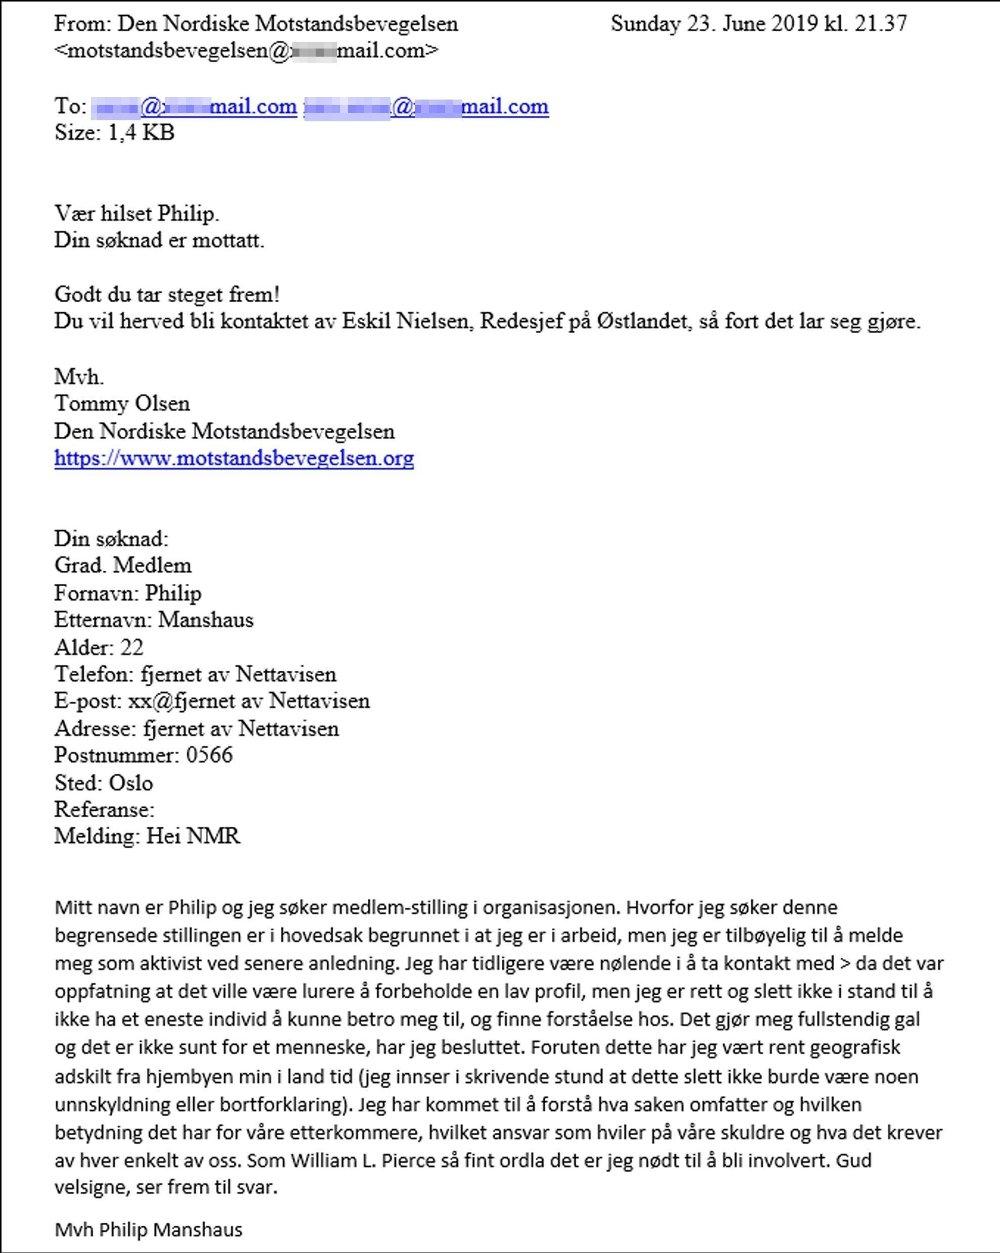 Klikk på bildet for å forstørre. Søknaden til Philip Manshaus om opptak til Den Nordiske Motstandsbevegelsen. Søknaden ble ifølge politidokumenter sendt 20. juni 2019. Nettavisen har tilgang til originalmailene, men av kildevernhensyn er det eksakte innholdet kopiert til et teksdokument.